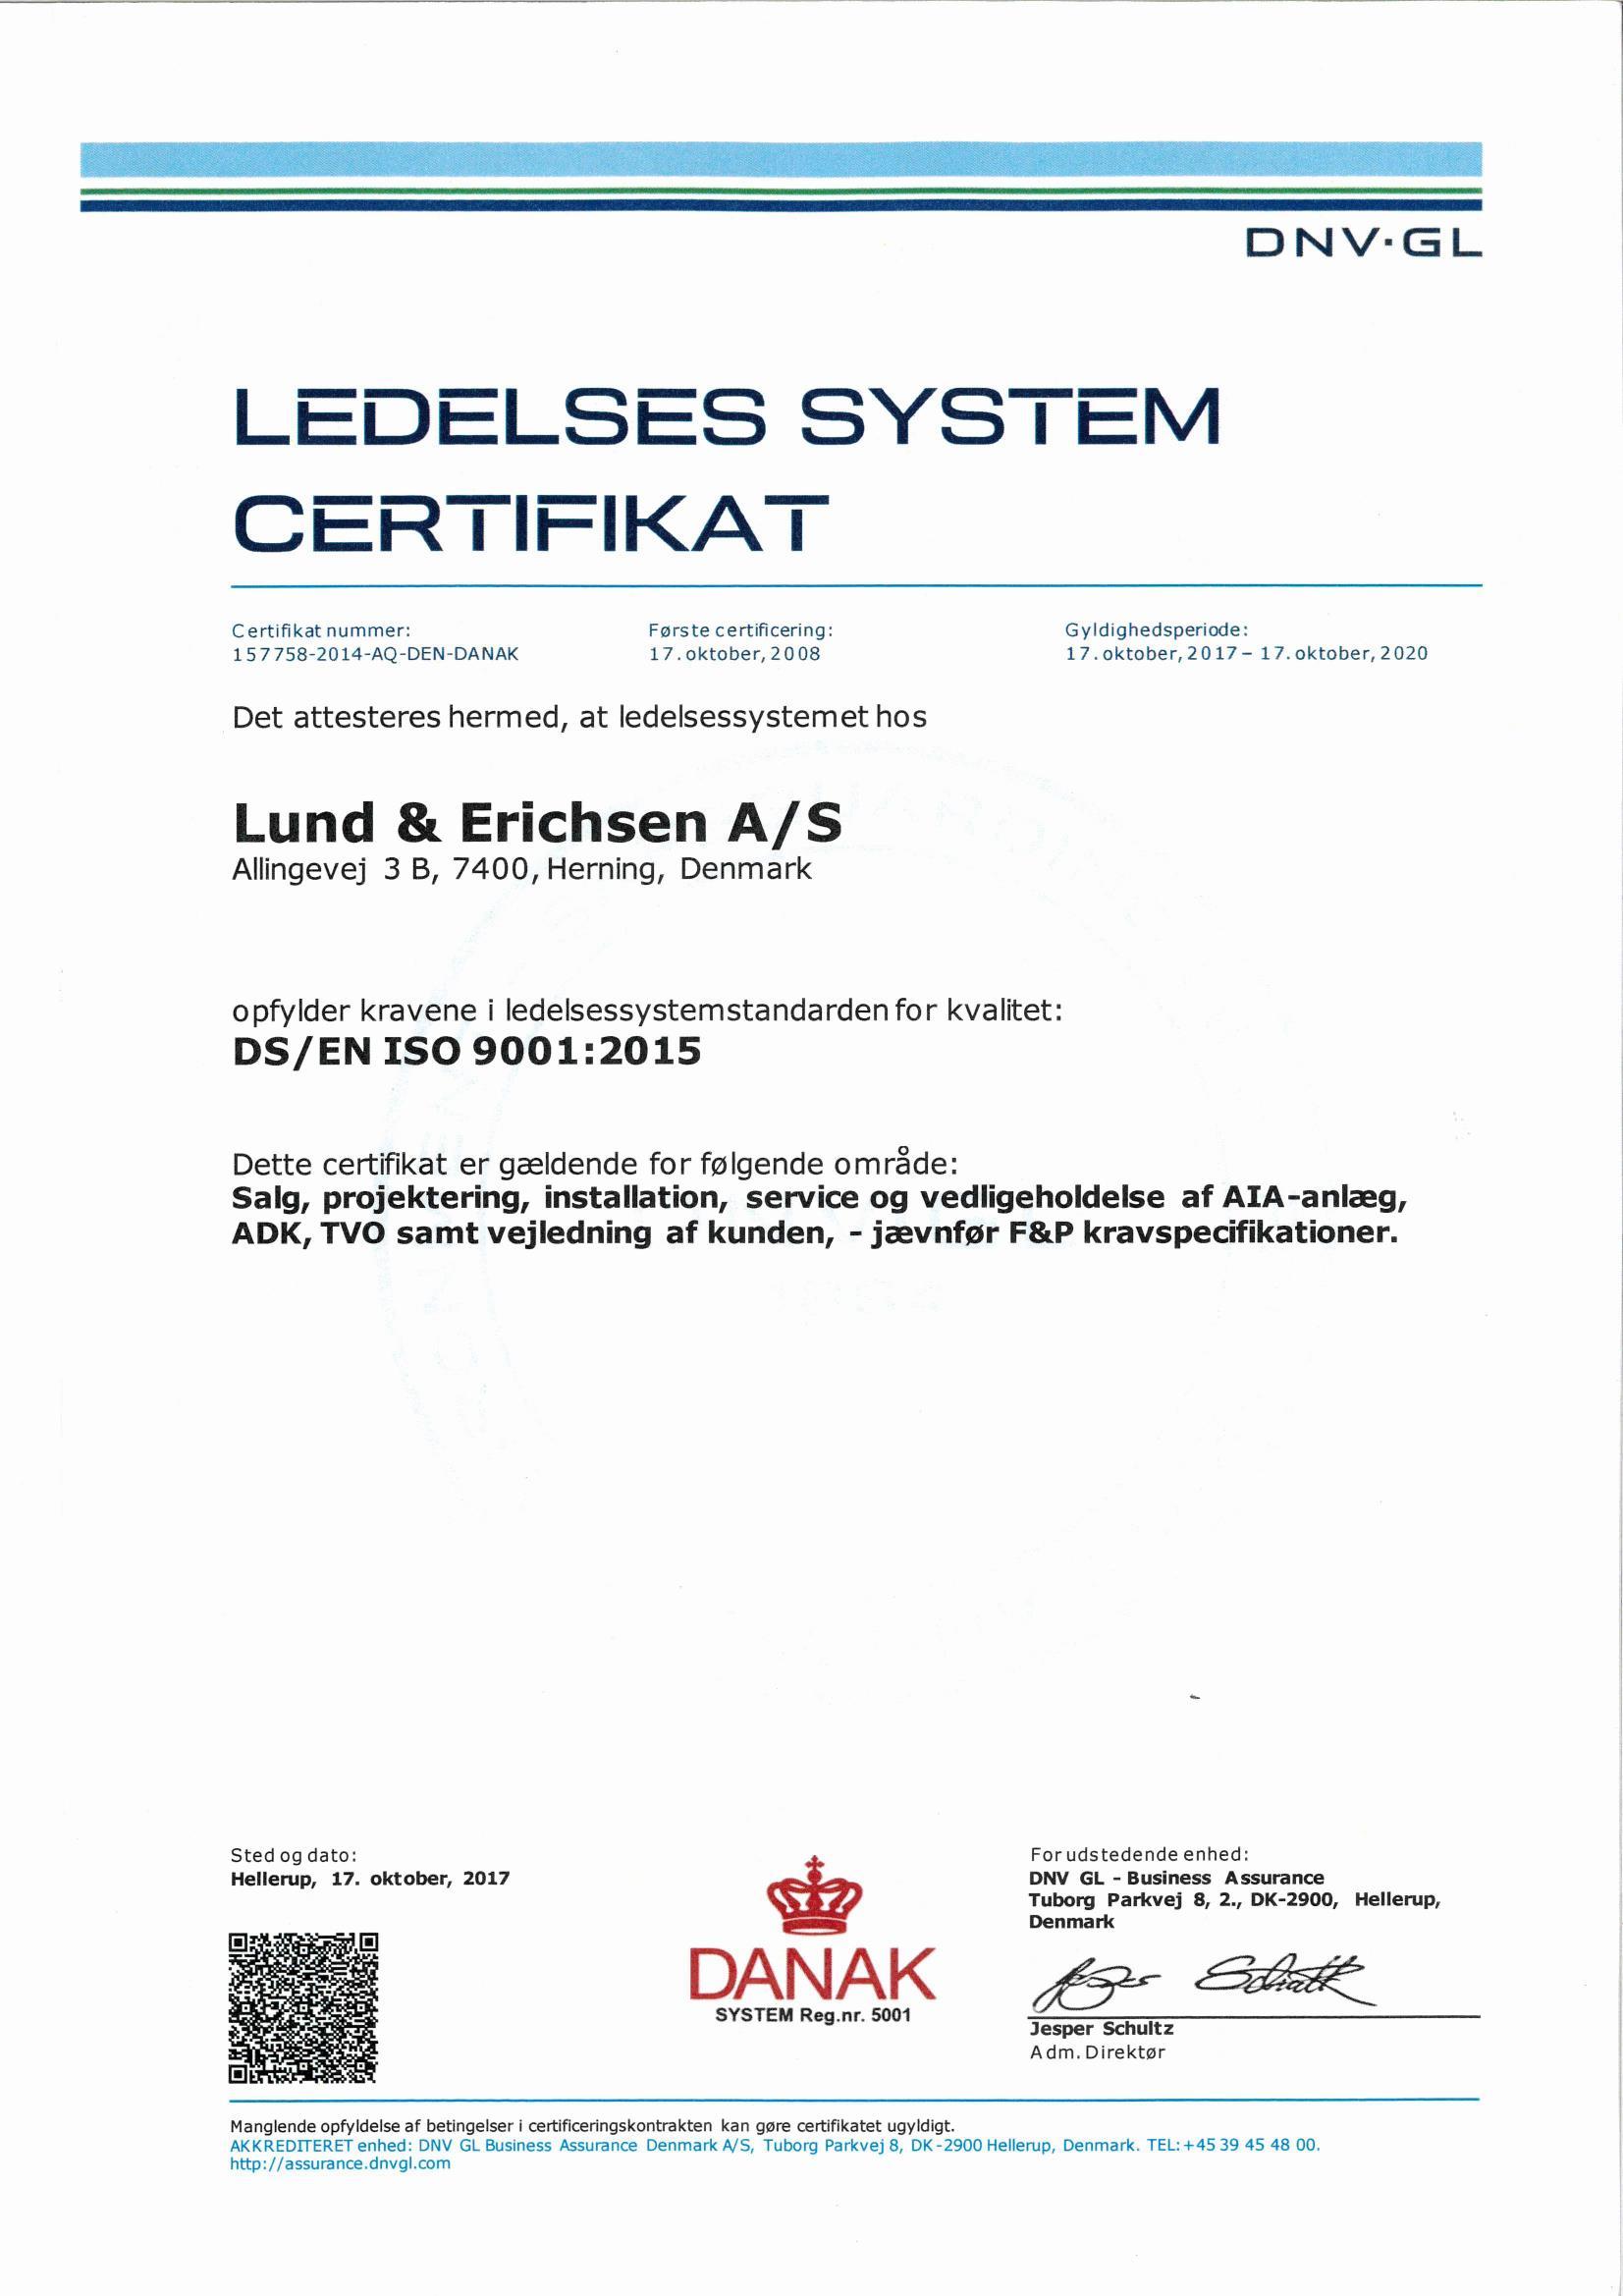 ISO 9001 Certifikat L&E